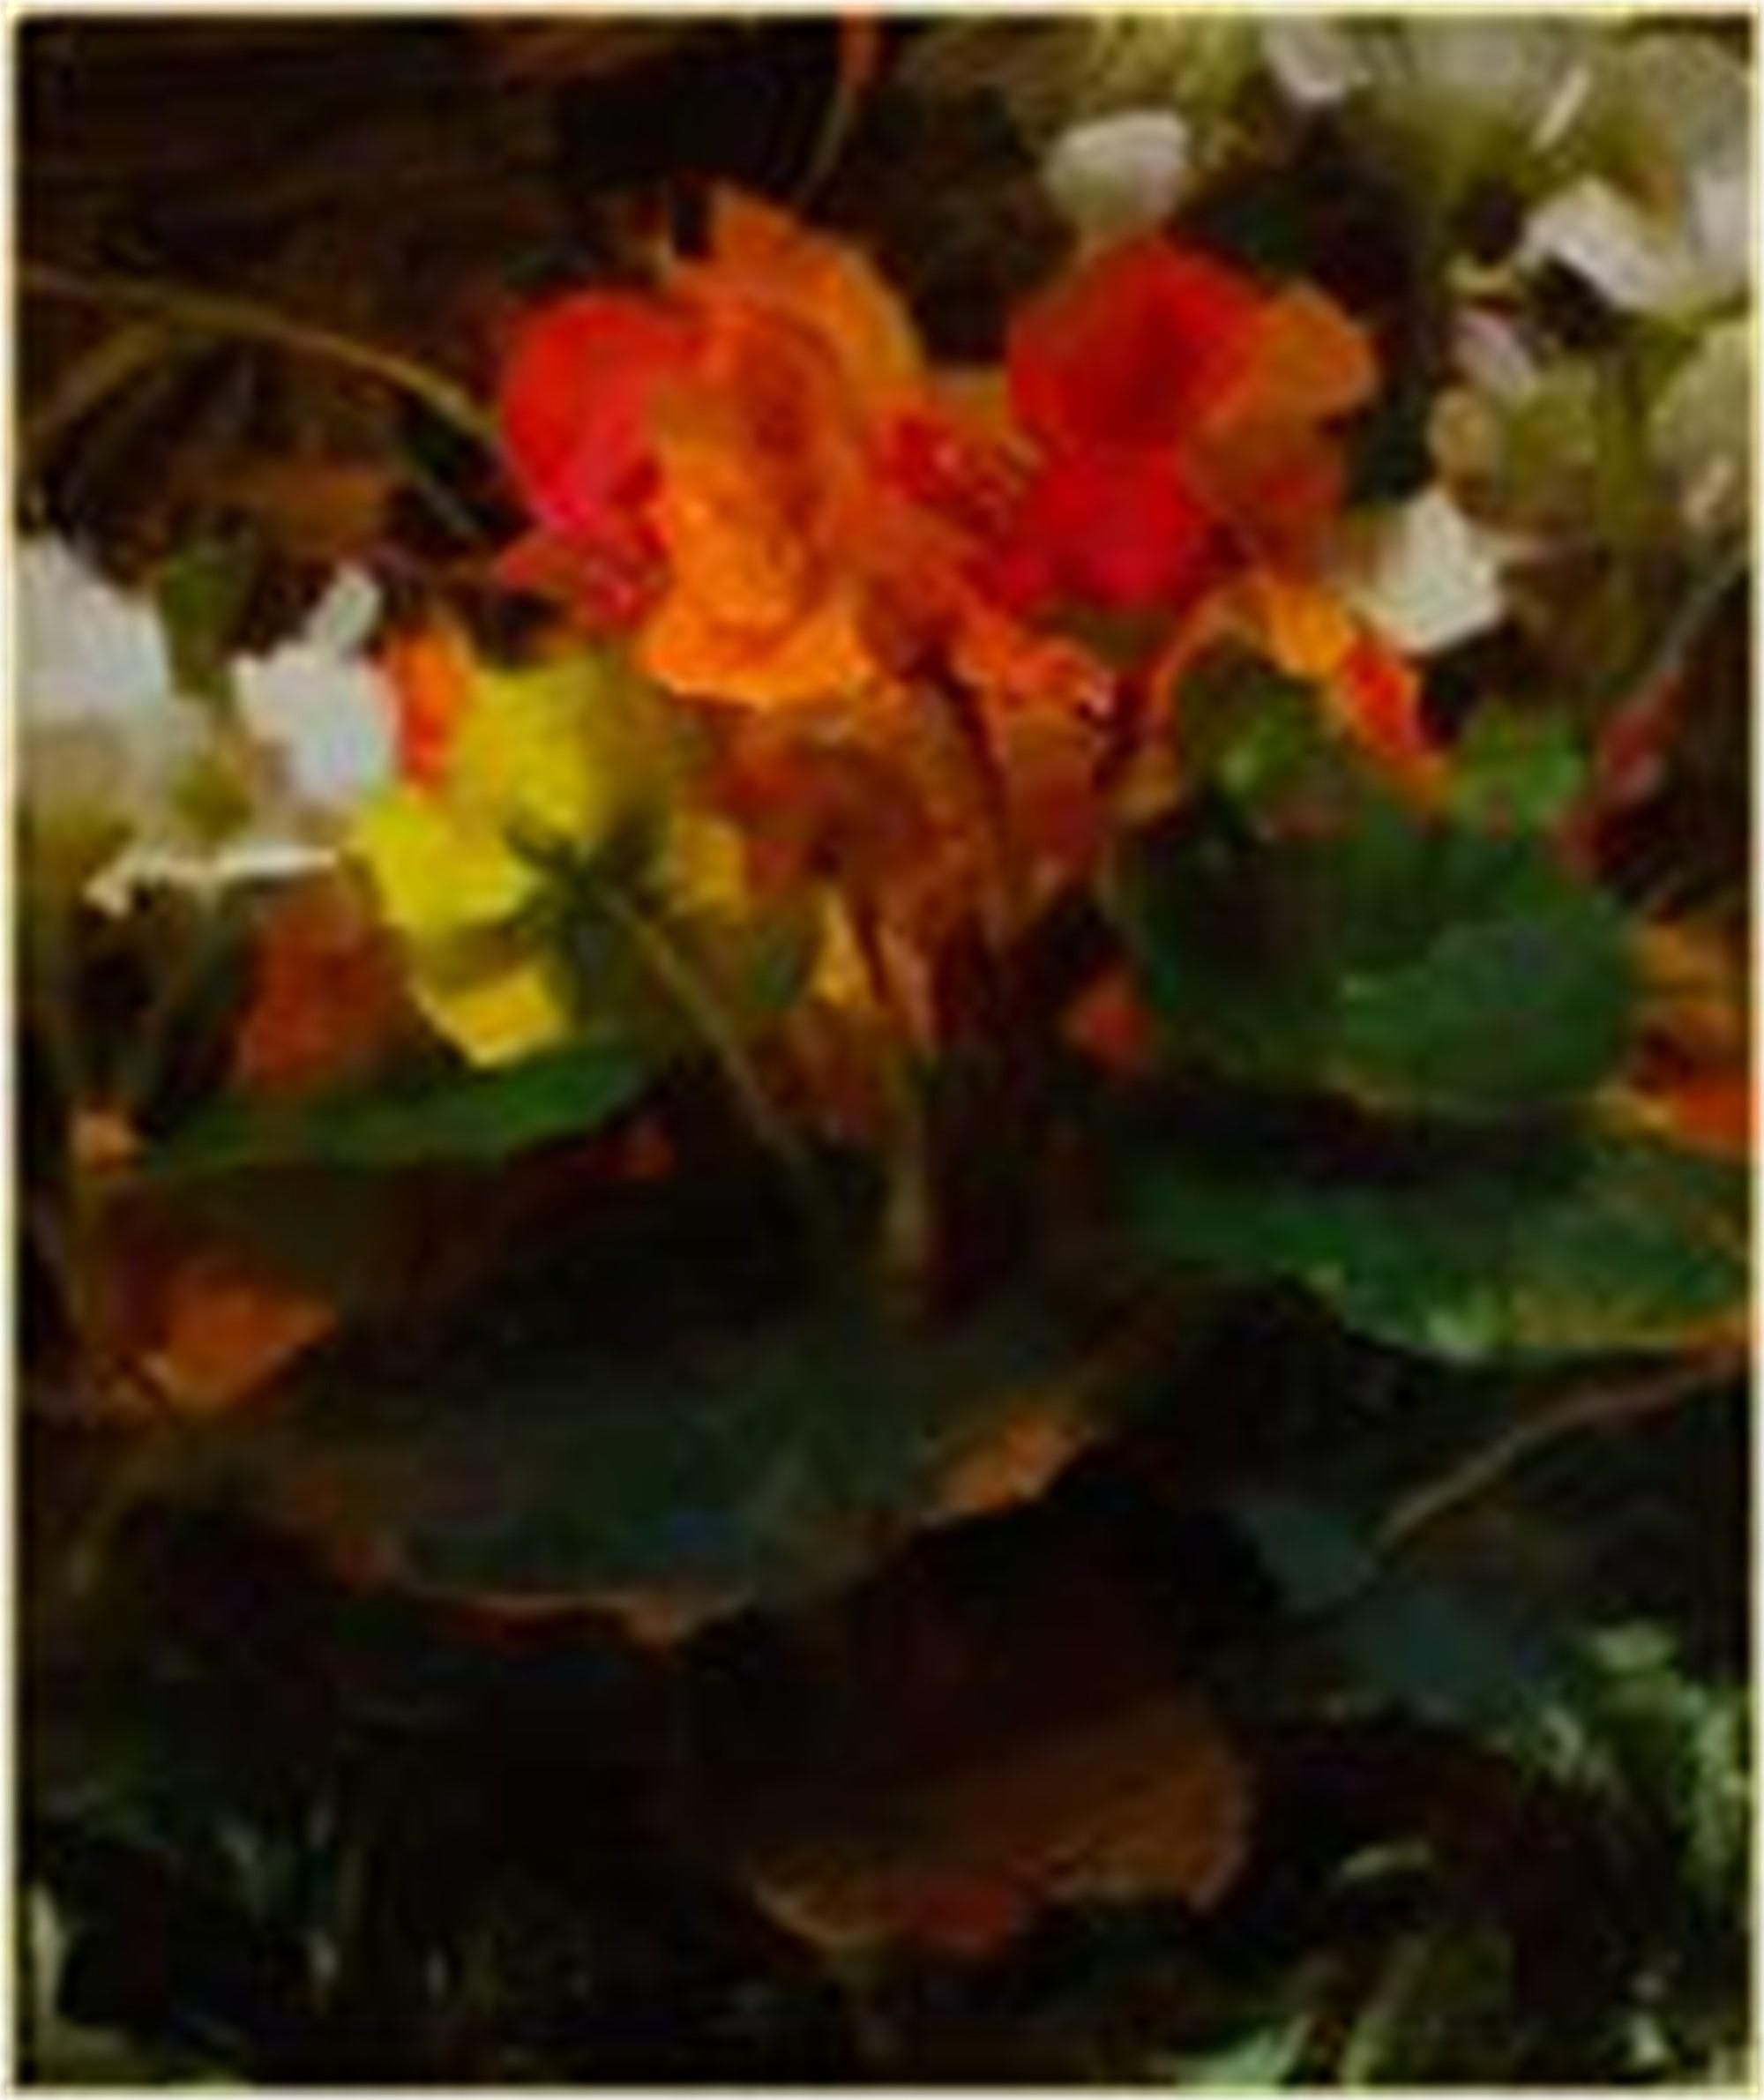 Begonias by Daniel Keys